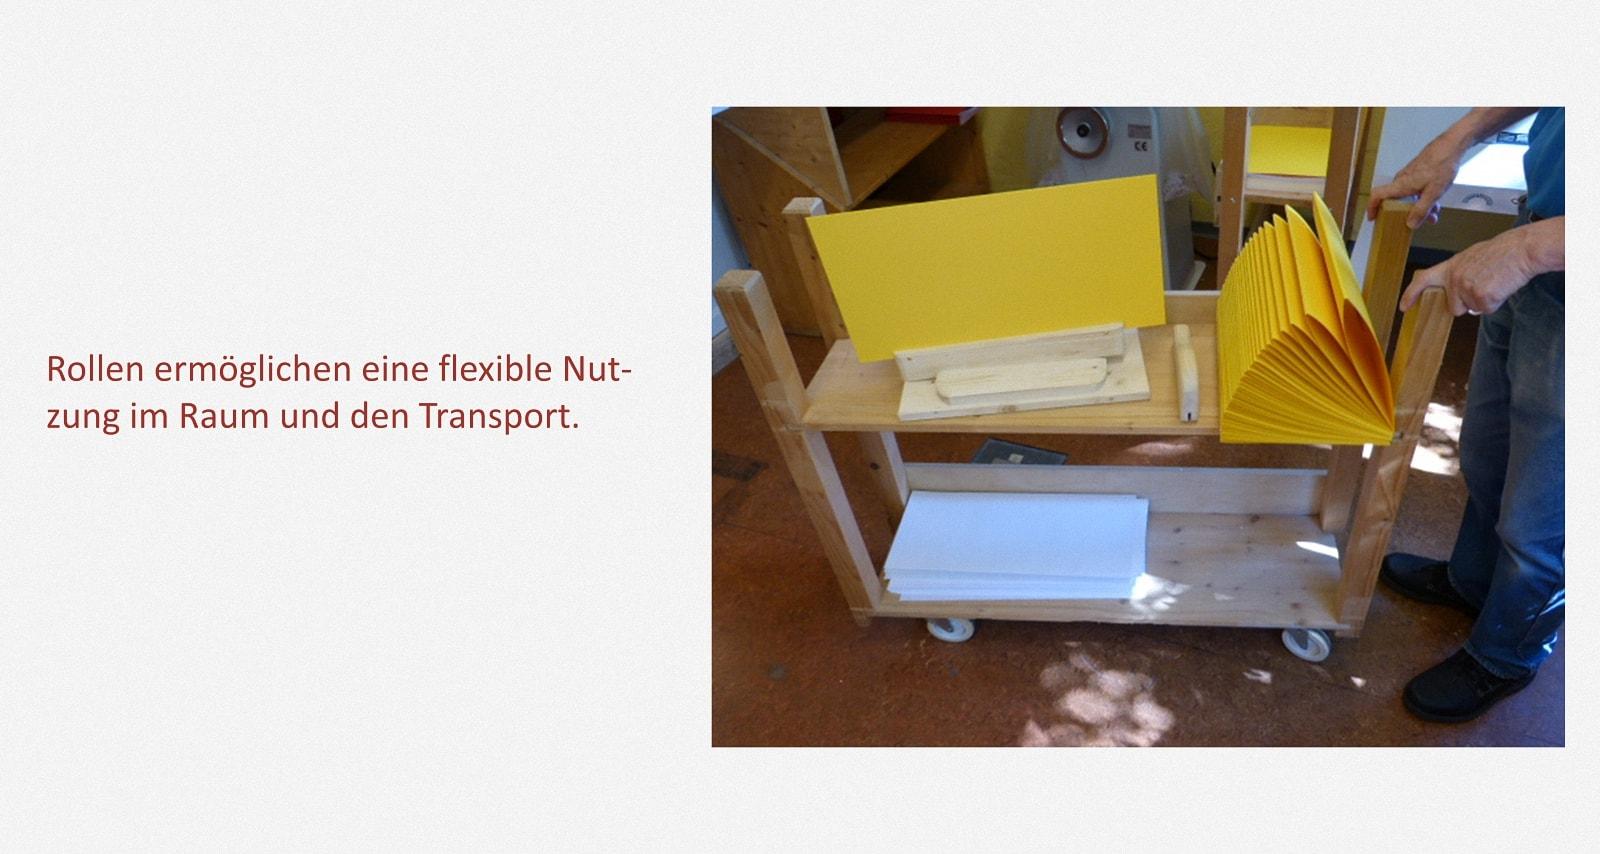 Ablage- und Transportwagen Karl-Schubert-Werkstätten – Filderstadt Papierwerkstatt Entwickler: Hans Martin Nüssle Fotos: Hein Kistner